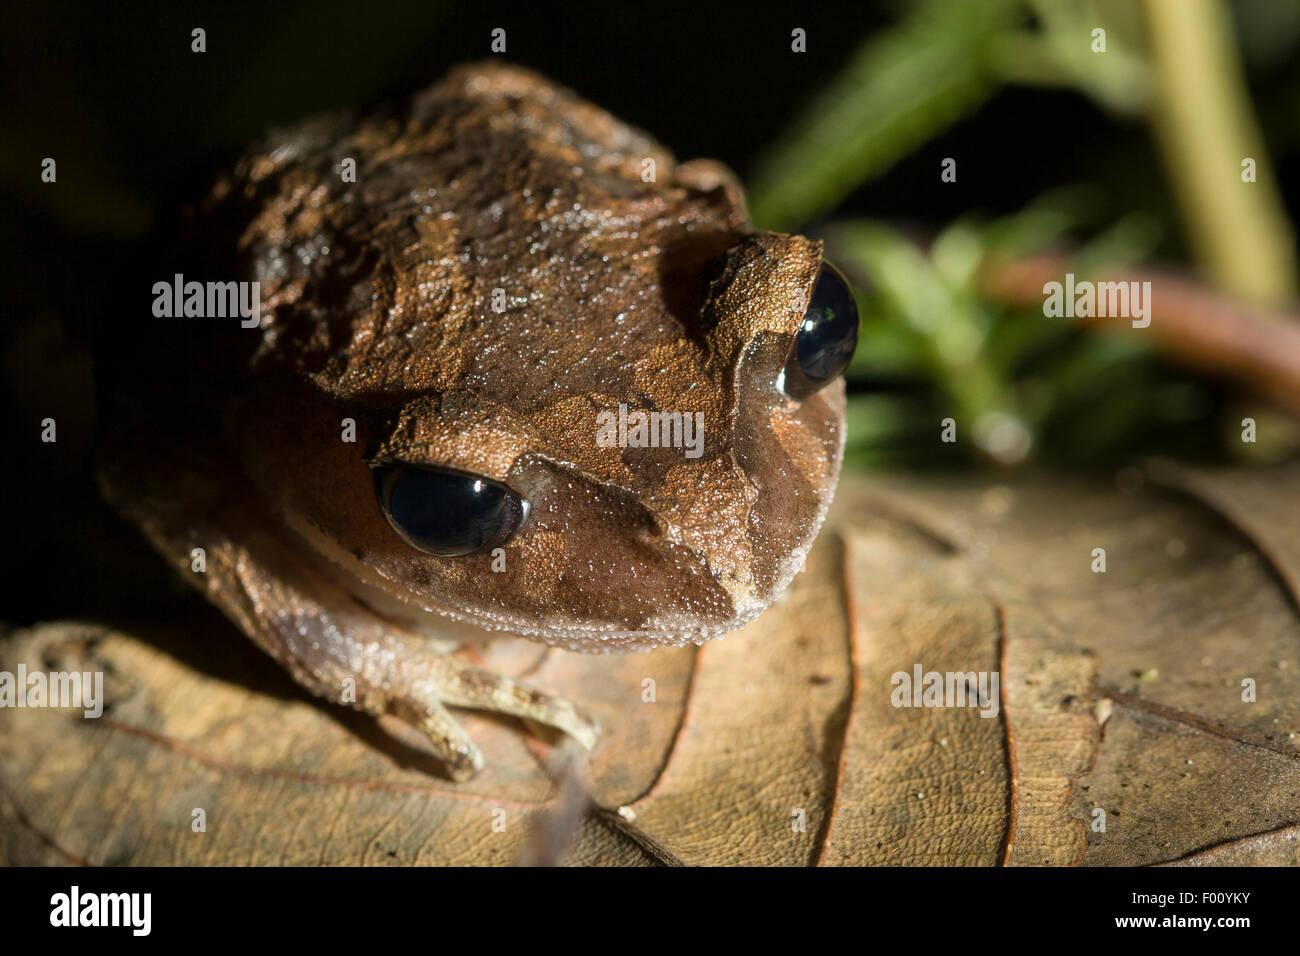 Montane Wurf Frosch (Leptobrachium Montanum) in der Nacht. Stockbild